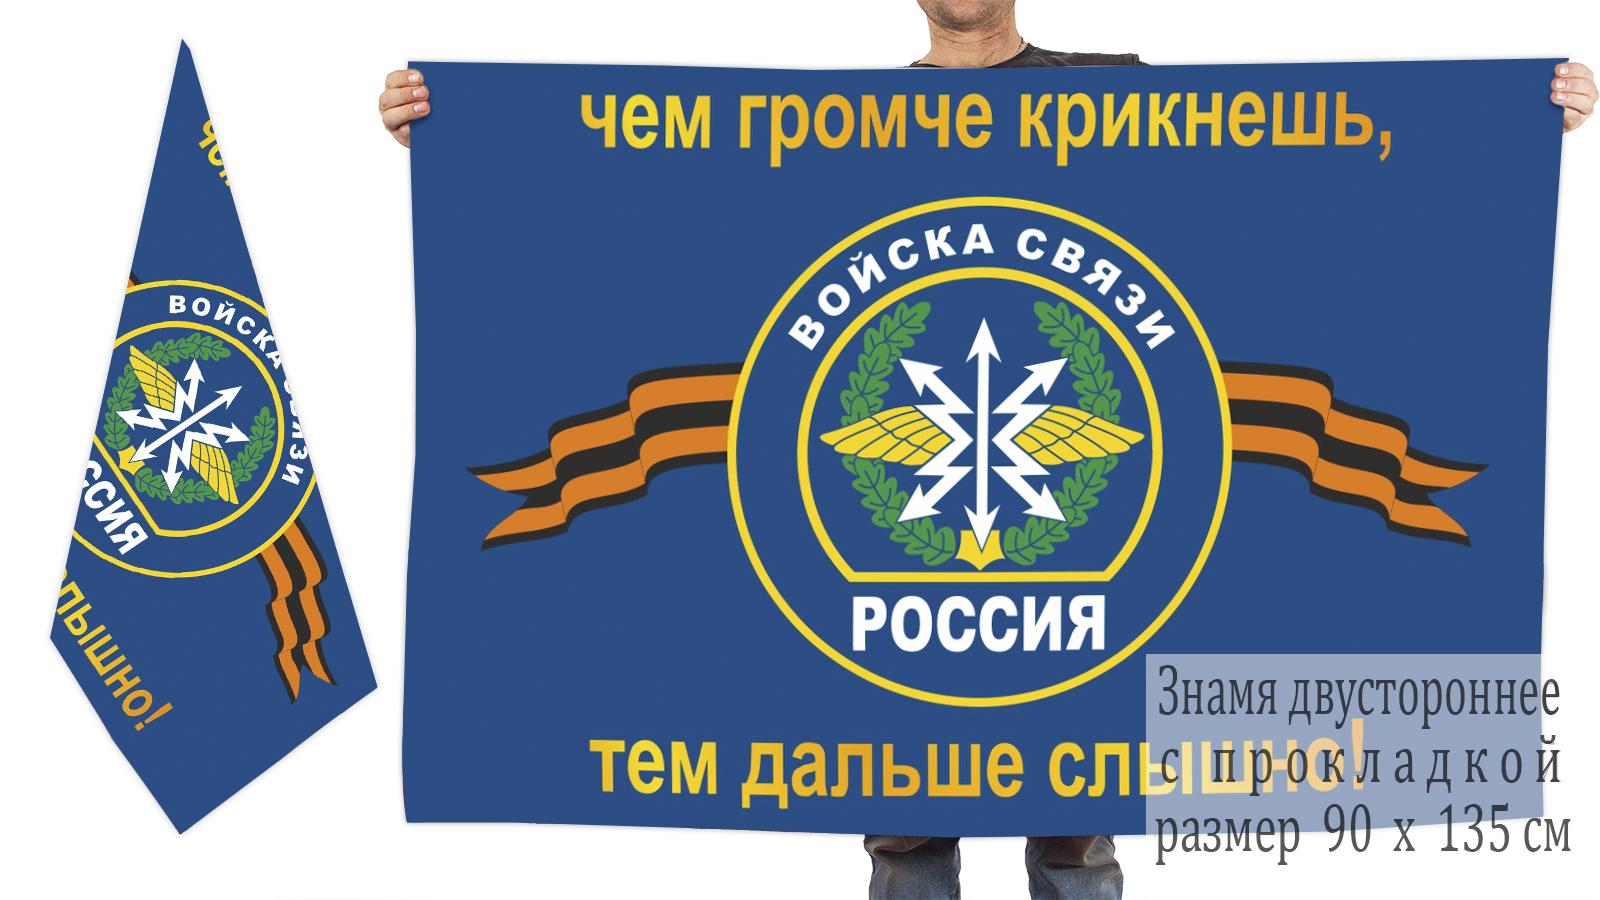 Флаги с символикой войск связи России и СССР